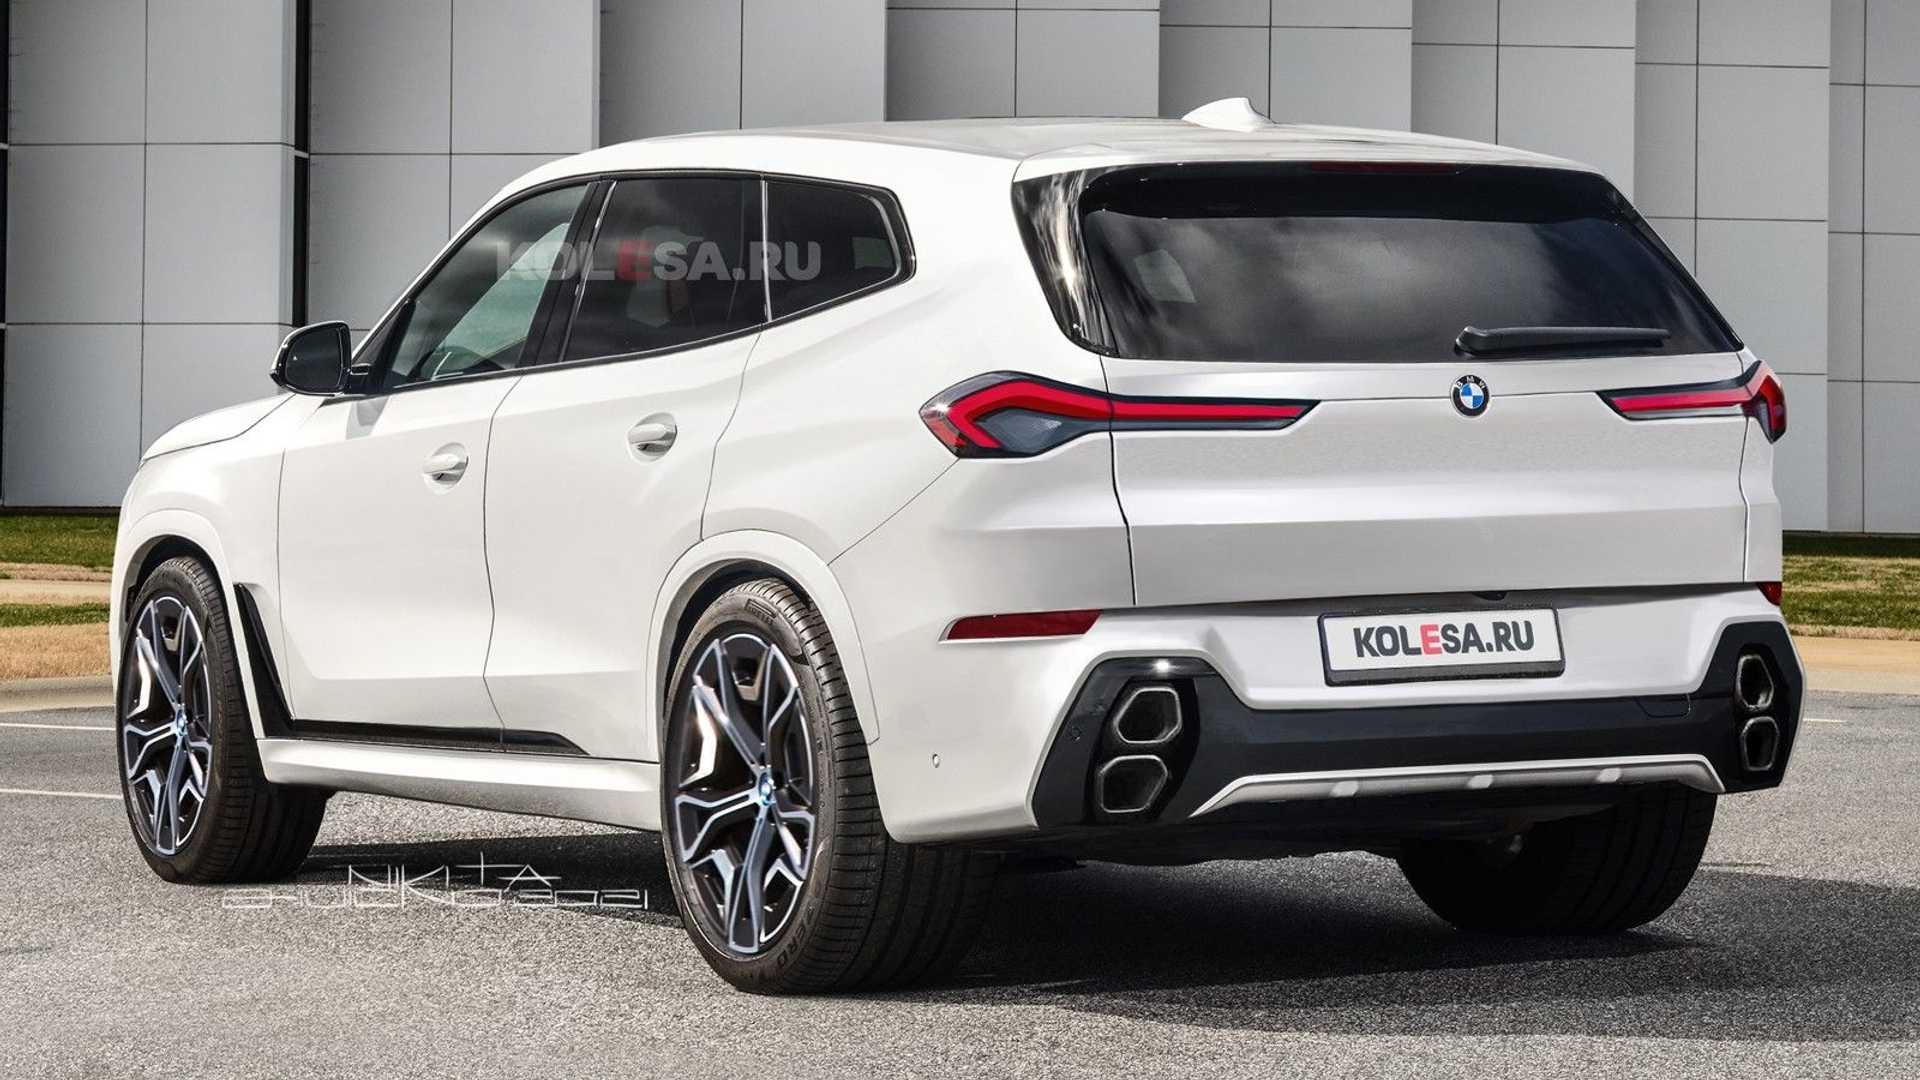 Czy BMW zdecyduje się na aż tak kontrowersyjny design BMW X8?